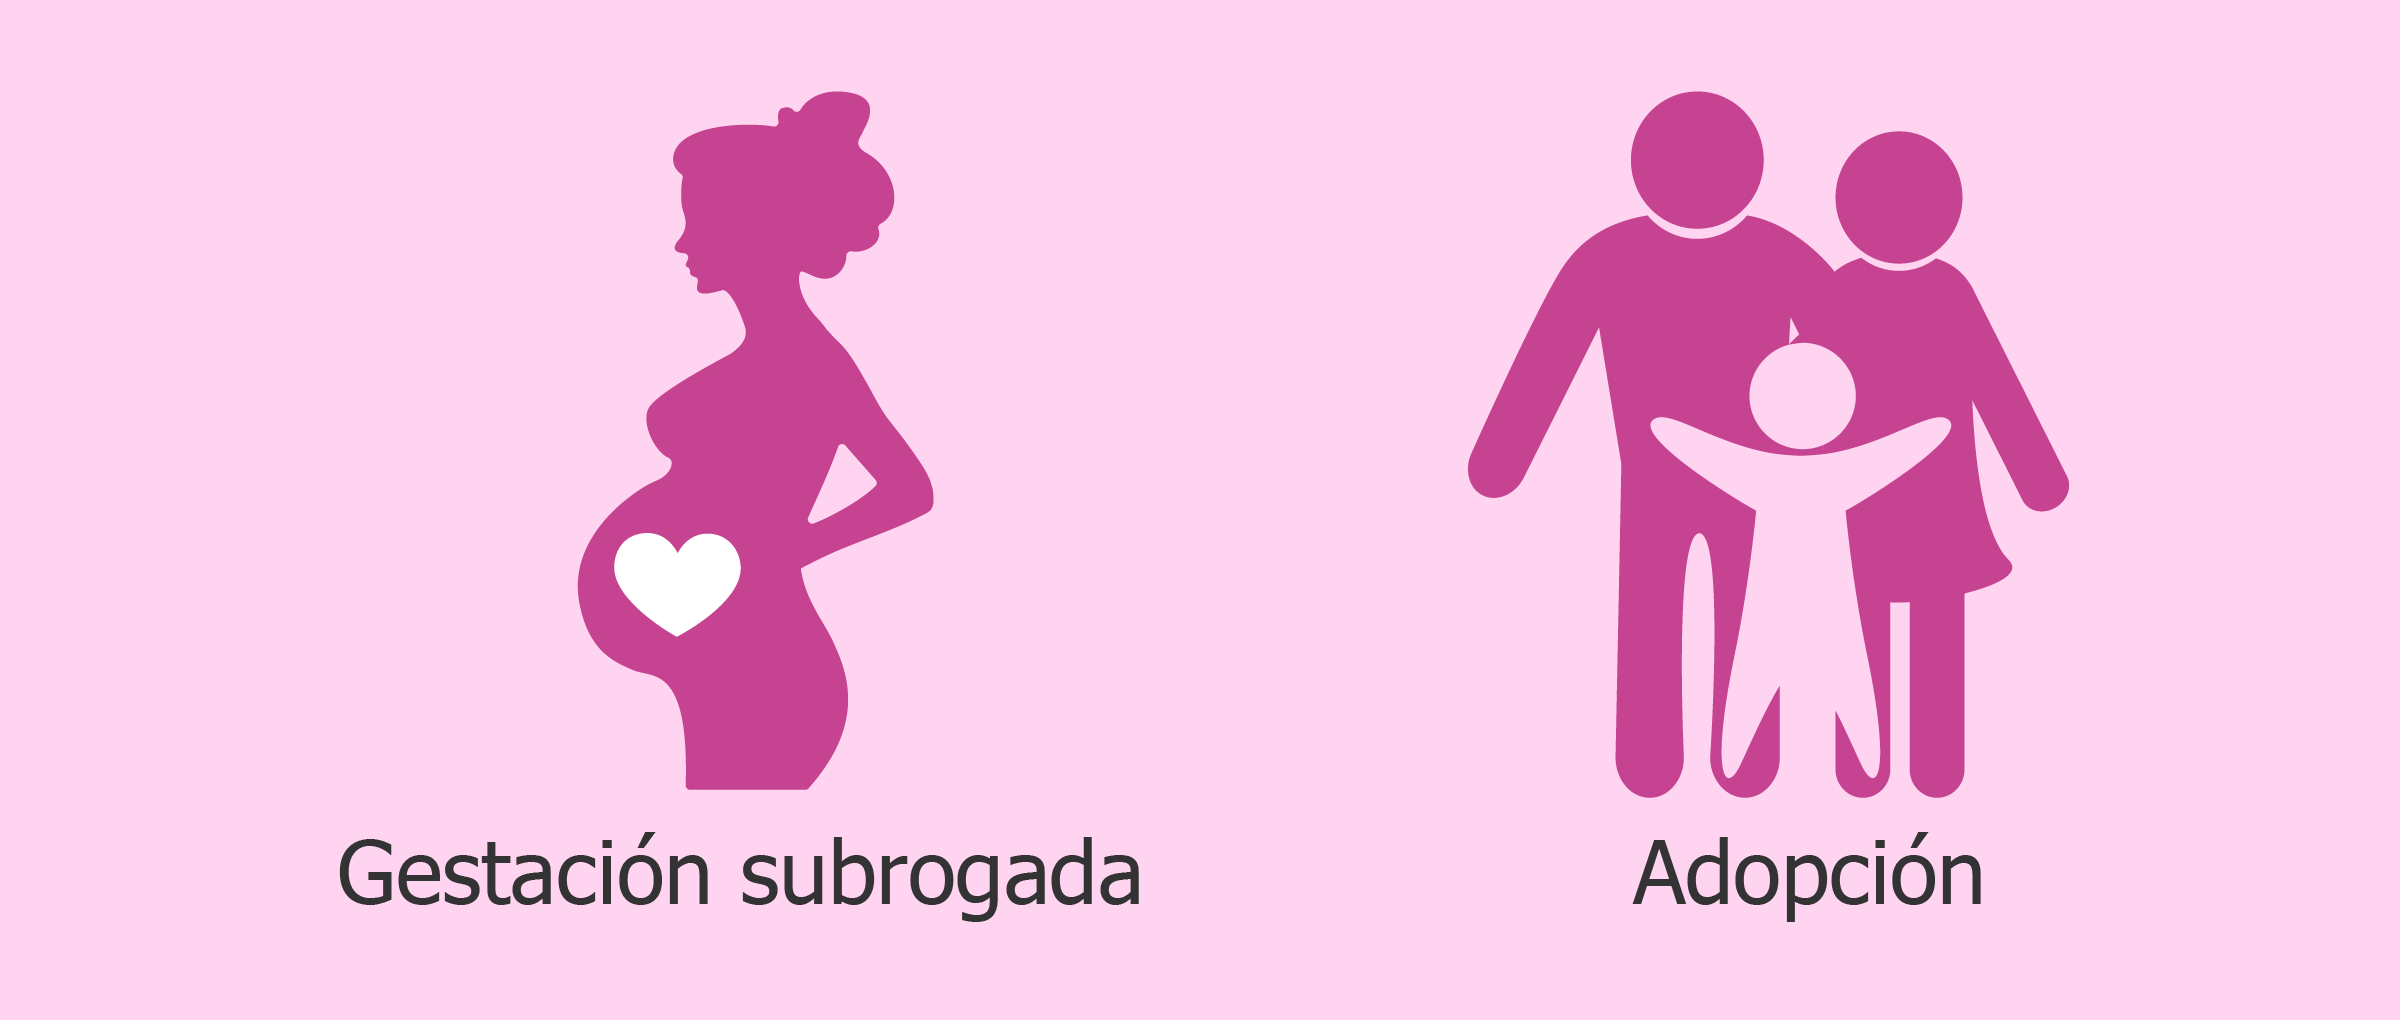 Gestación subrogada vs. adopción, ¿cuáles son las diferencias?